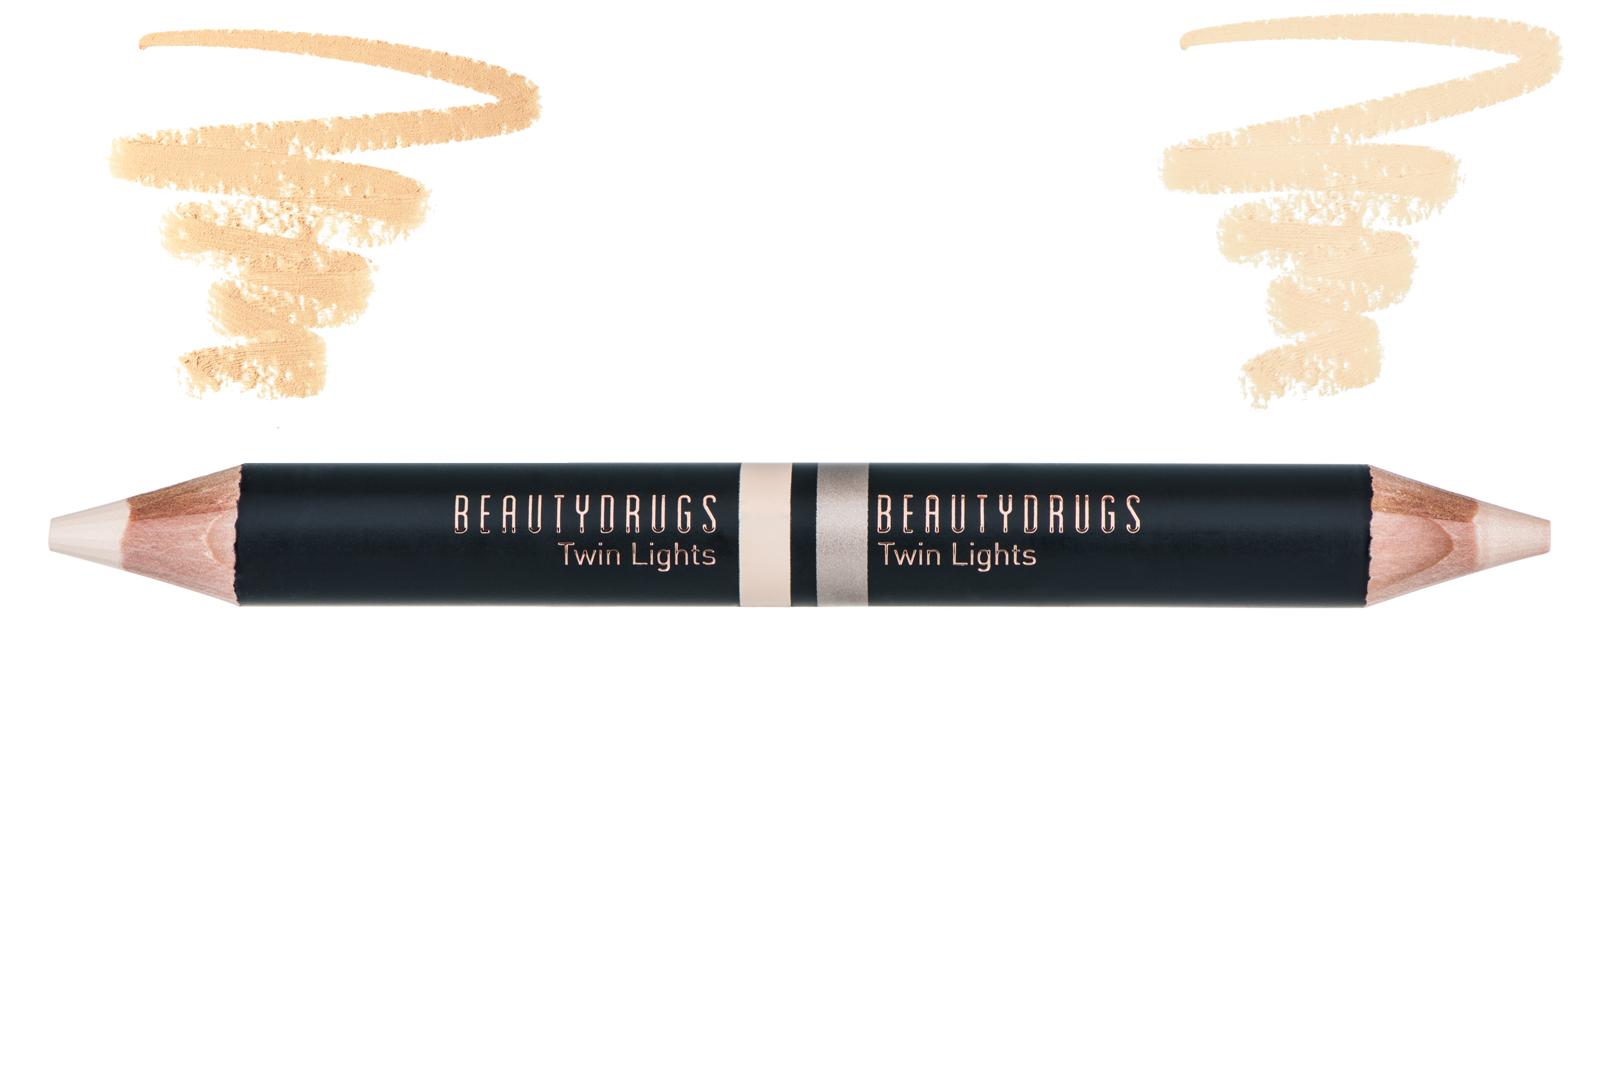 Хайлайтер BEAUTYDRUGS Двойной карандаш-хайлайтер Twin Lights оттенок 01, 5 карандаш хайлайтер